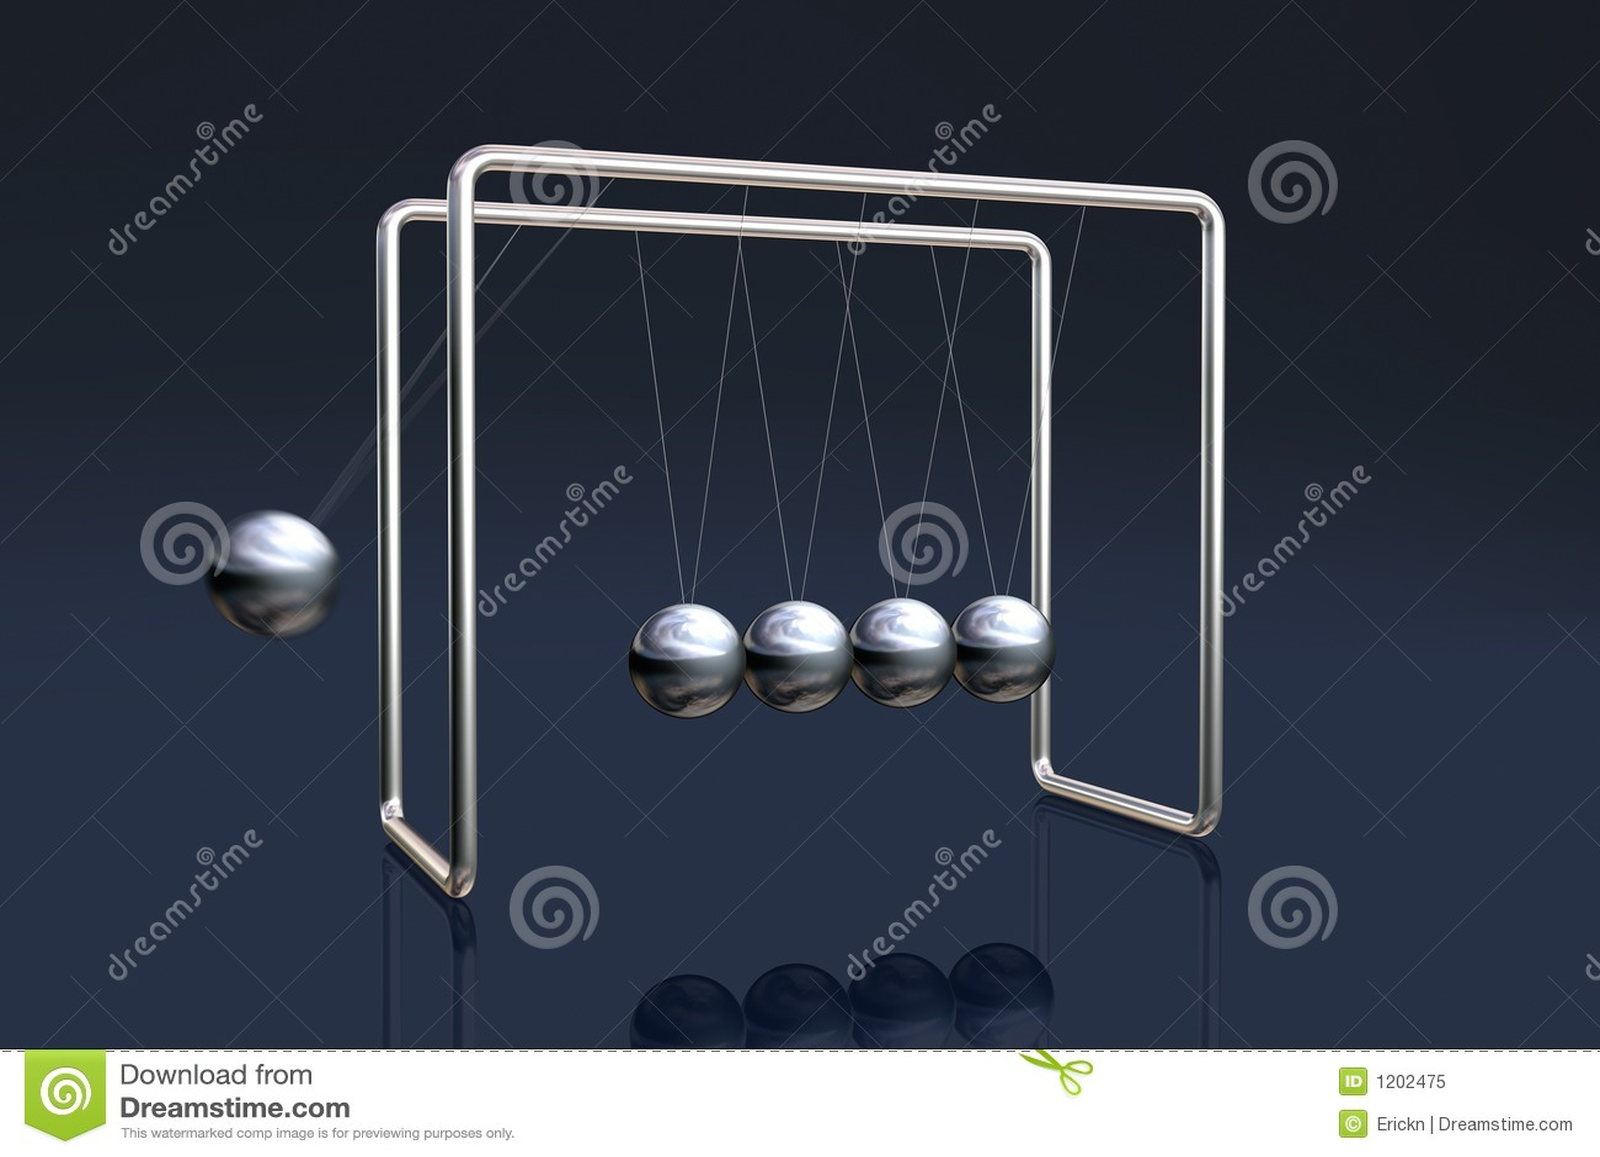 Newton s cradle